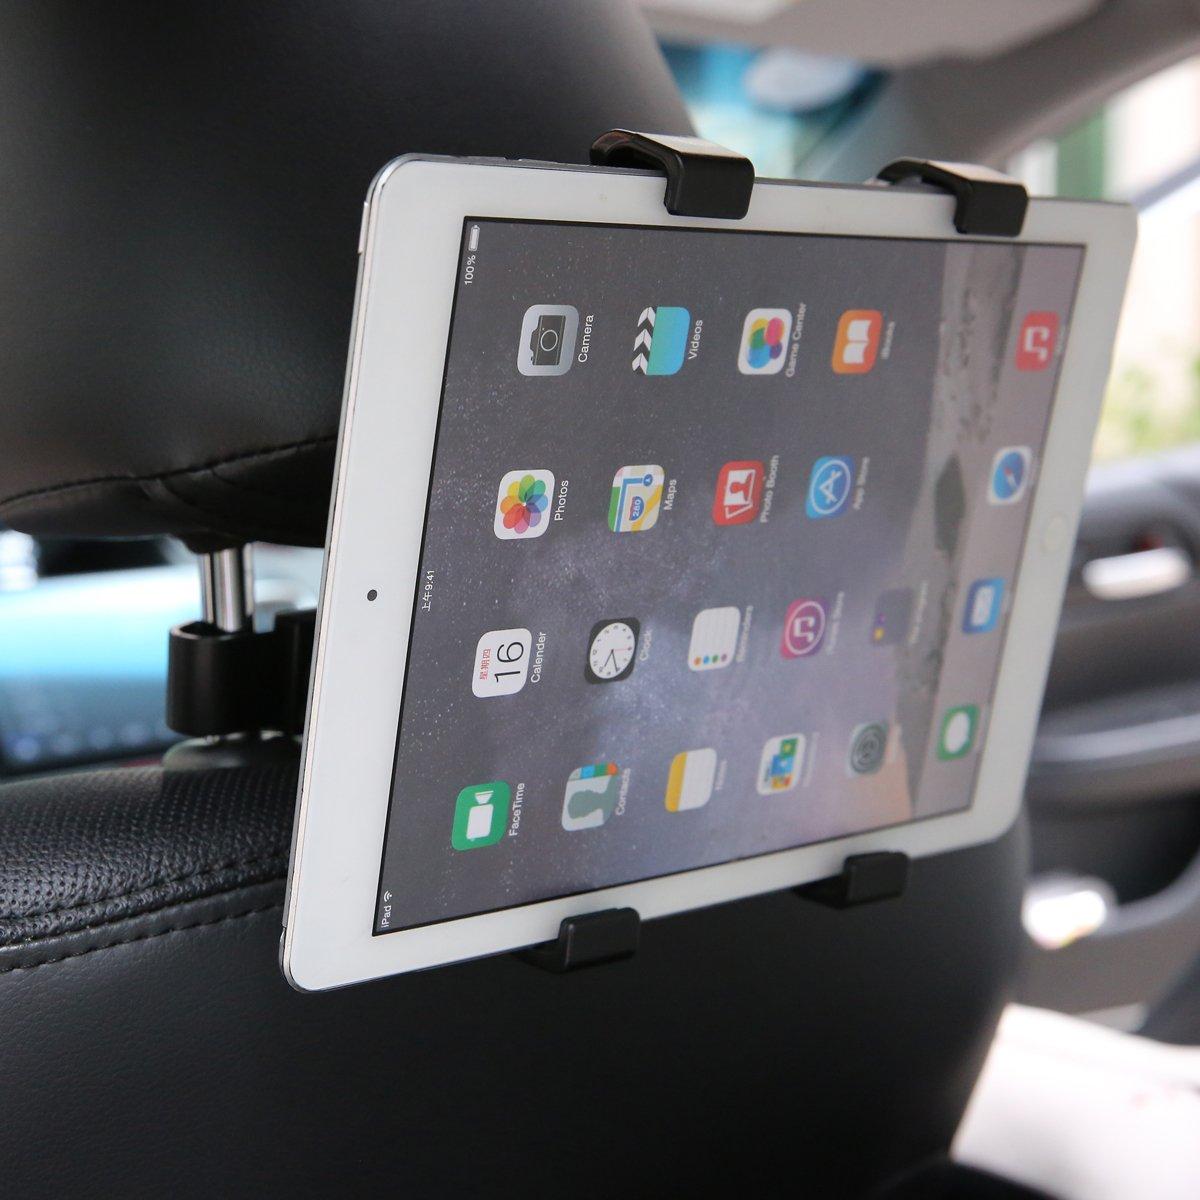 Audew Supporto Tablet Universale Auto Regolabile Rotazione di 360° Poggiatesta Sedile Posteriore Auto per iPad Mini/2/3/4, iPad Air, iPad PRO, Samsung Galaxy Tab, Tab PRO, e Tablet da 7-12 Pollici AUDEWixnDfMyC5